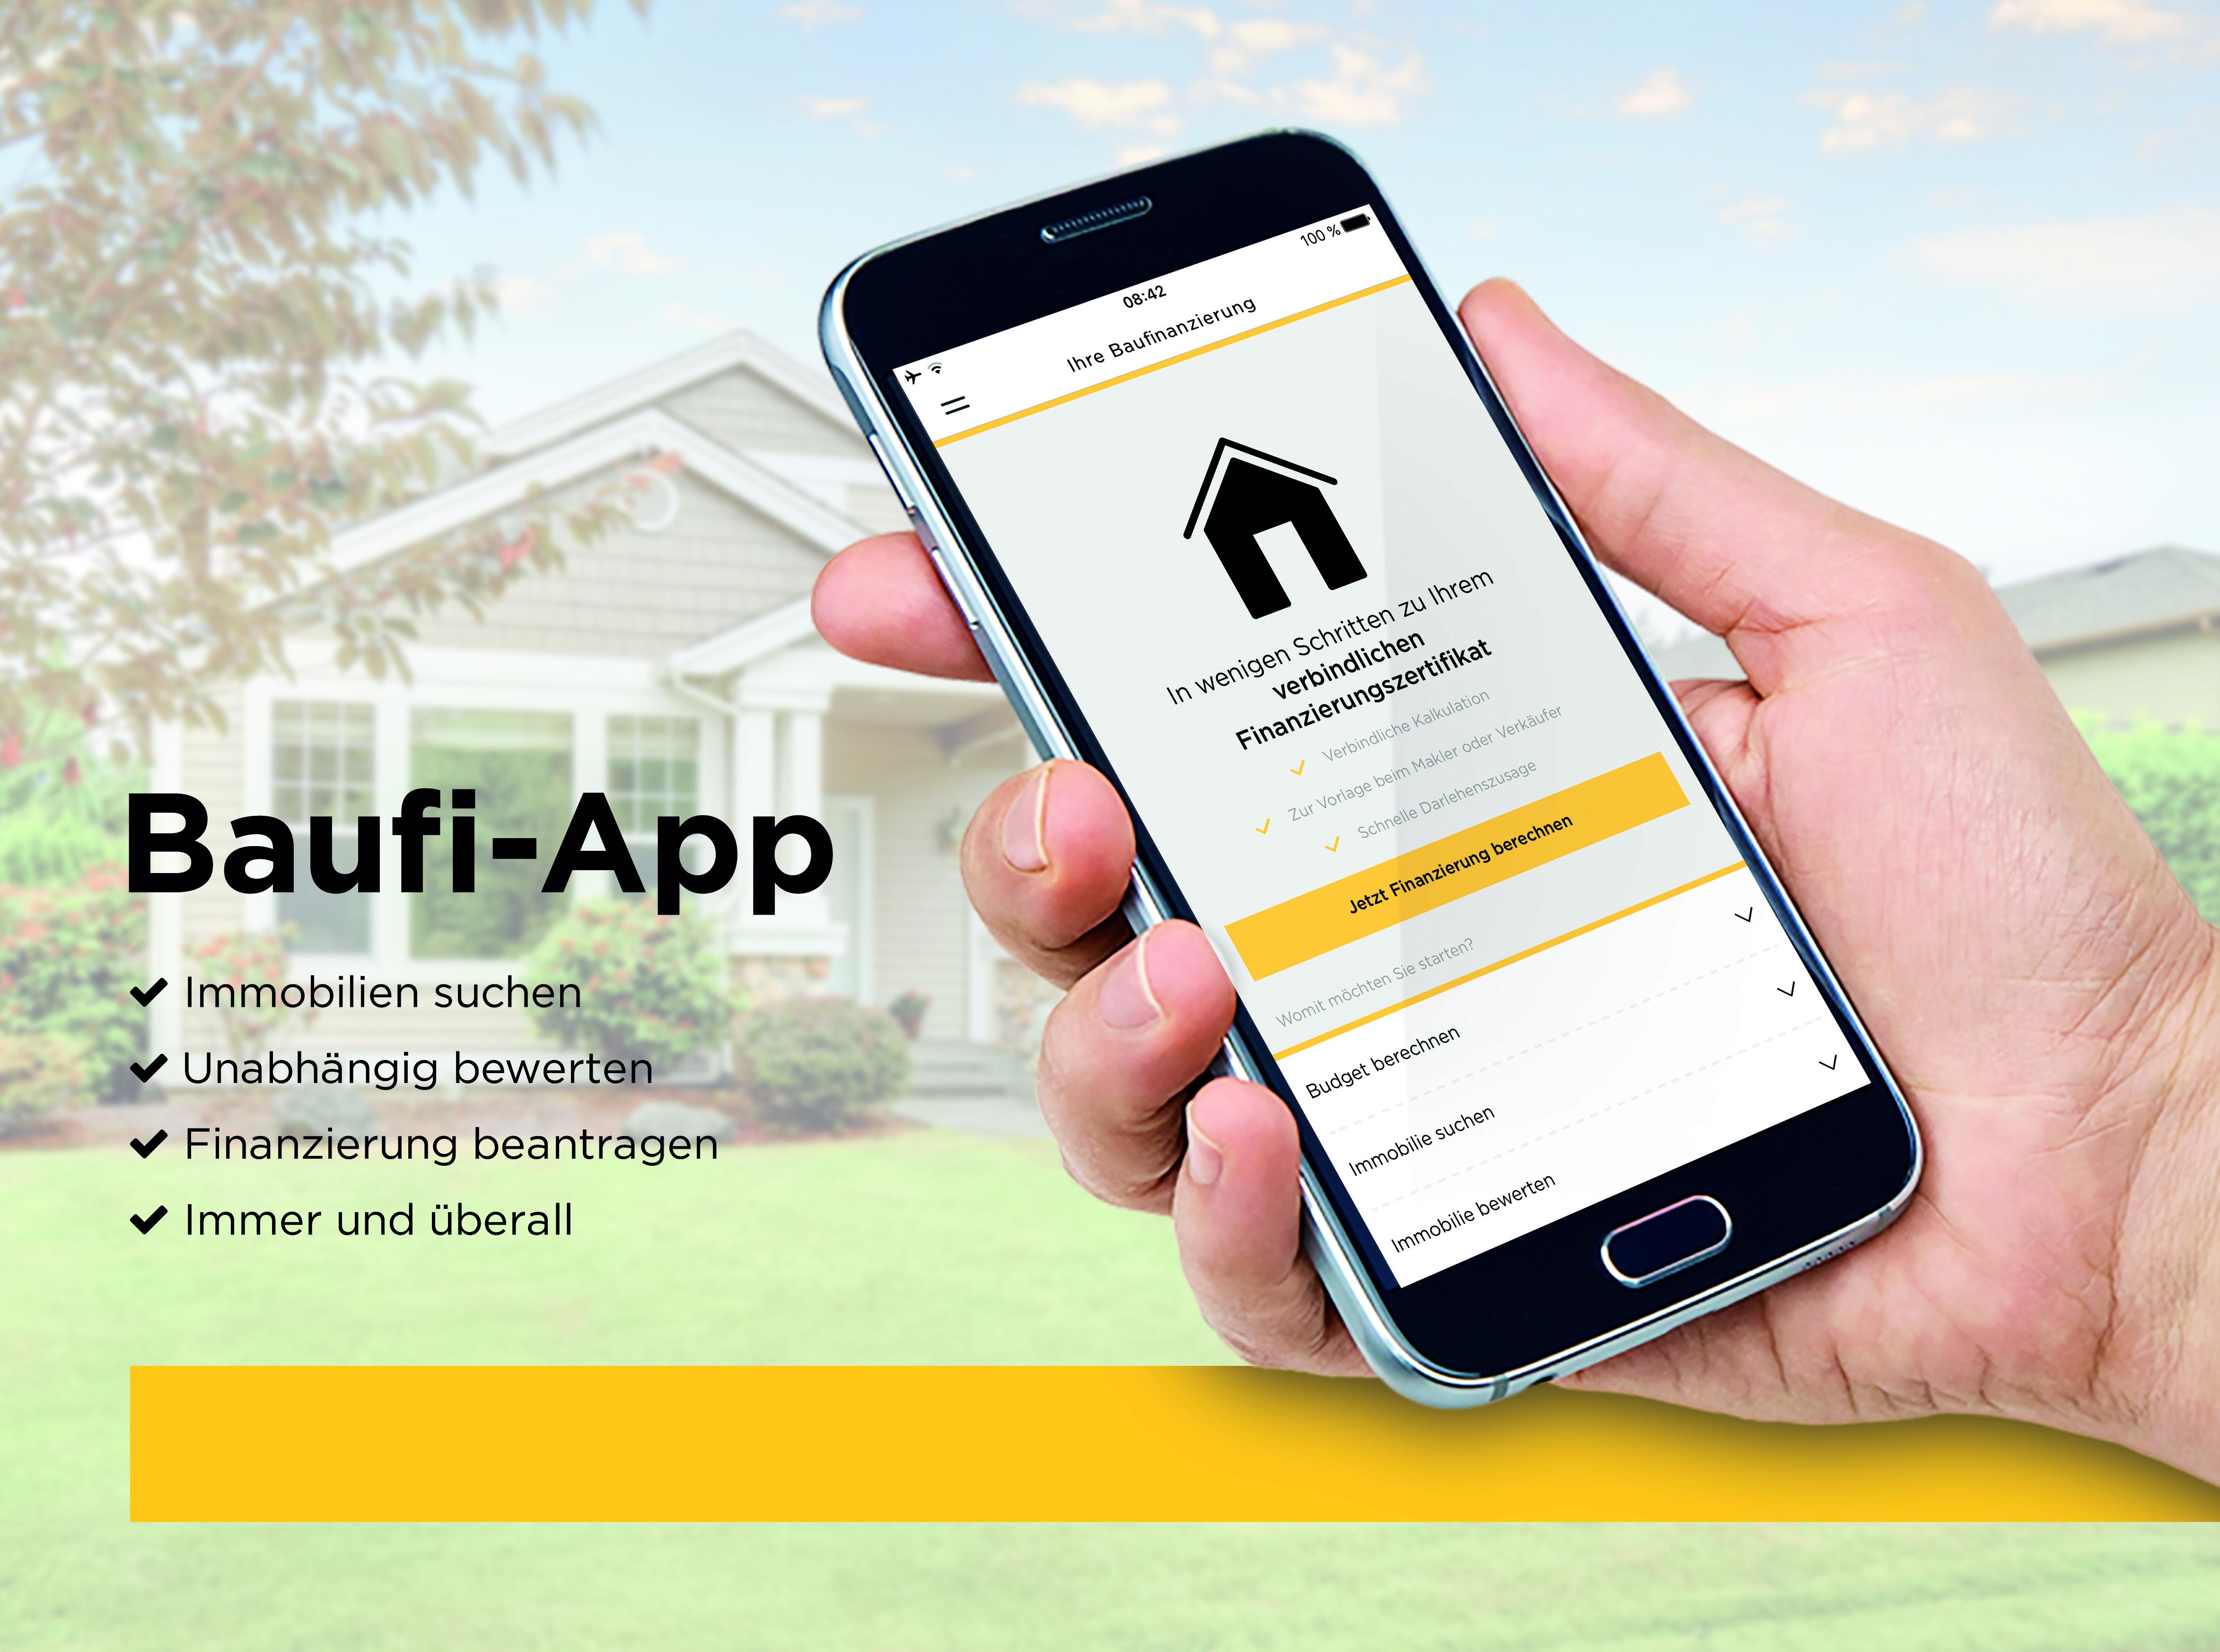 Baufinanzierungs App der Commerzbank